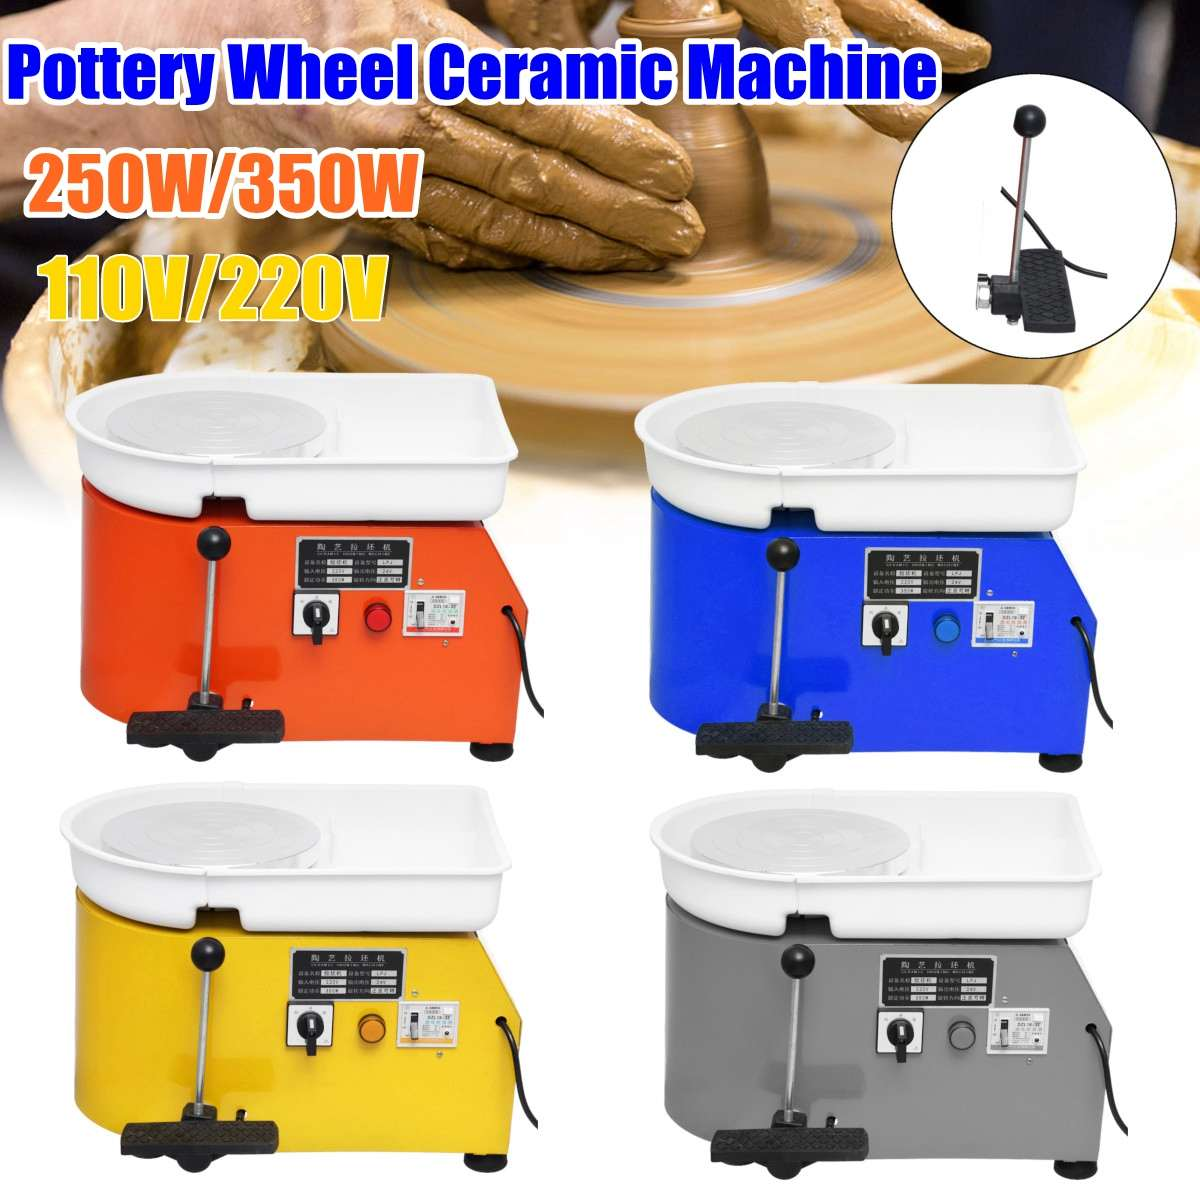 220 V poterie formant la Machine 250 W/350 W poterie électrique roue argile pour travaux pratiques outil avec plateau pour céramique travail céramique